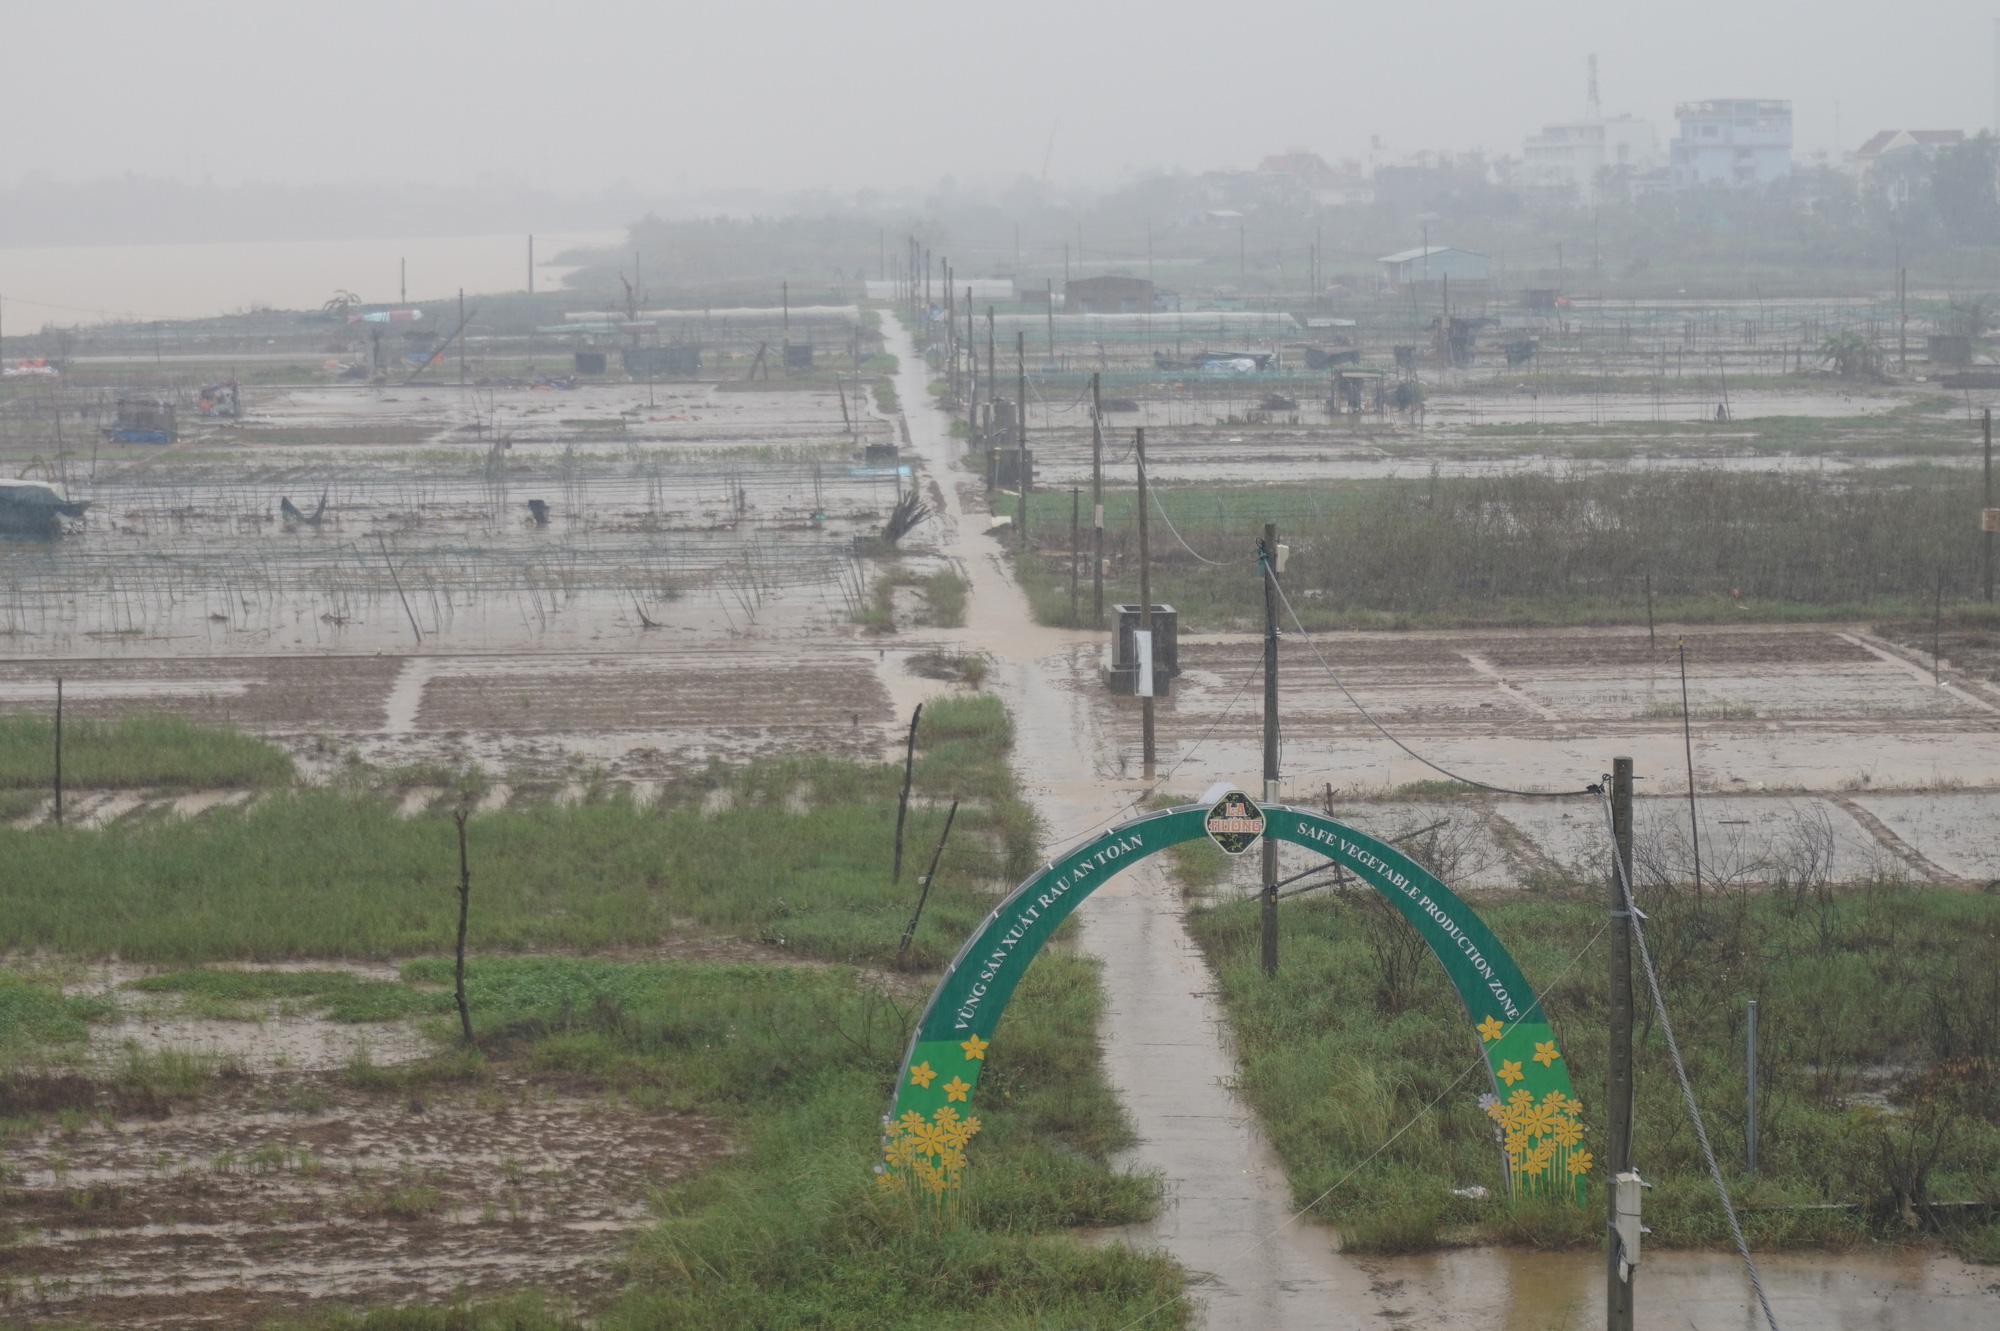 Đà Nẵng: Nông dân trồng rau thấp thỏm tái sản xuất sau mưa lũ dồn dập - Ảnh 1.